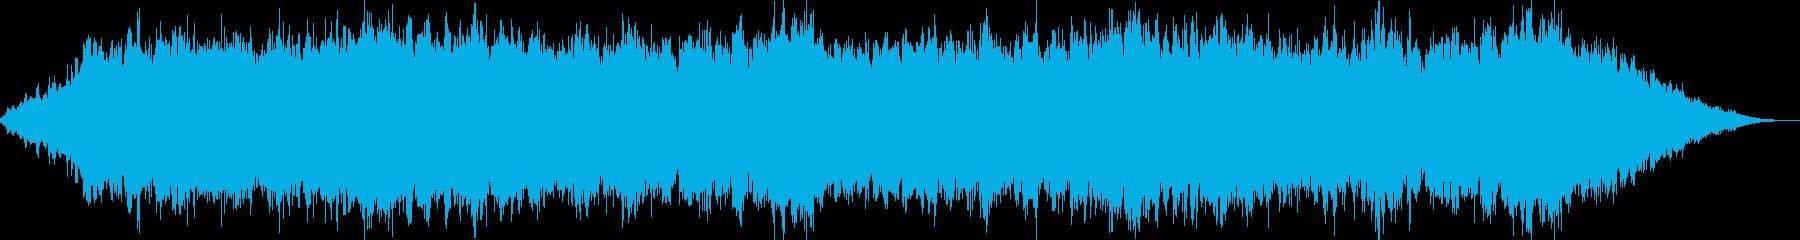 キラキラした癒されるBGMの再生済みの波形